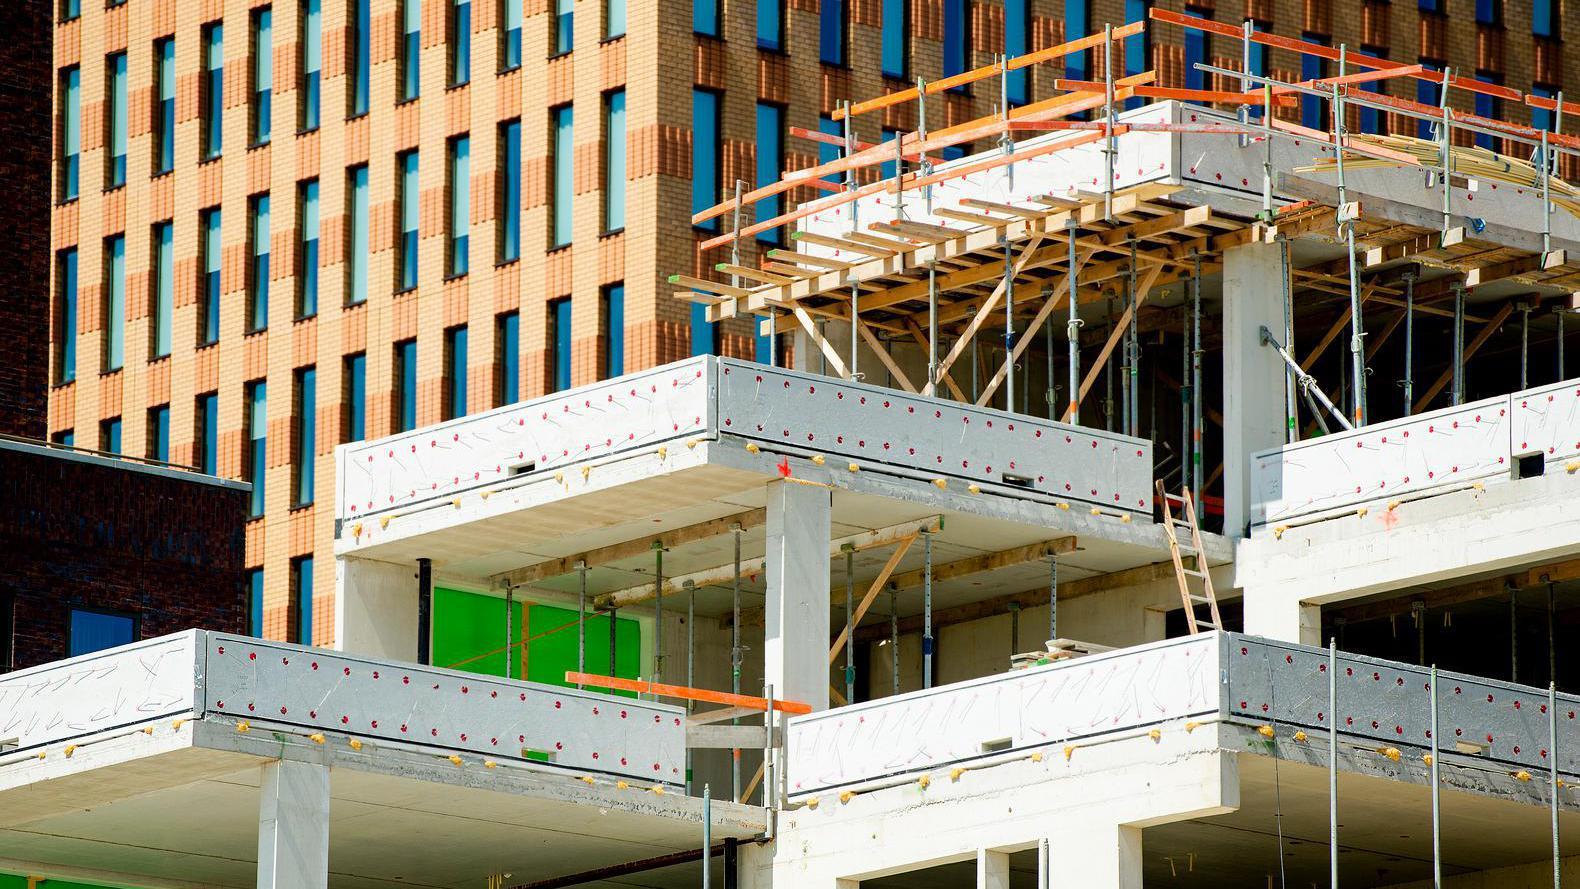 Amsterdam wil na jaren stilstand kantorenbouw zelf aanjagen